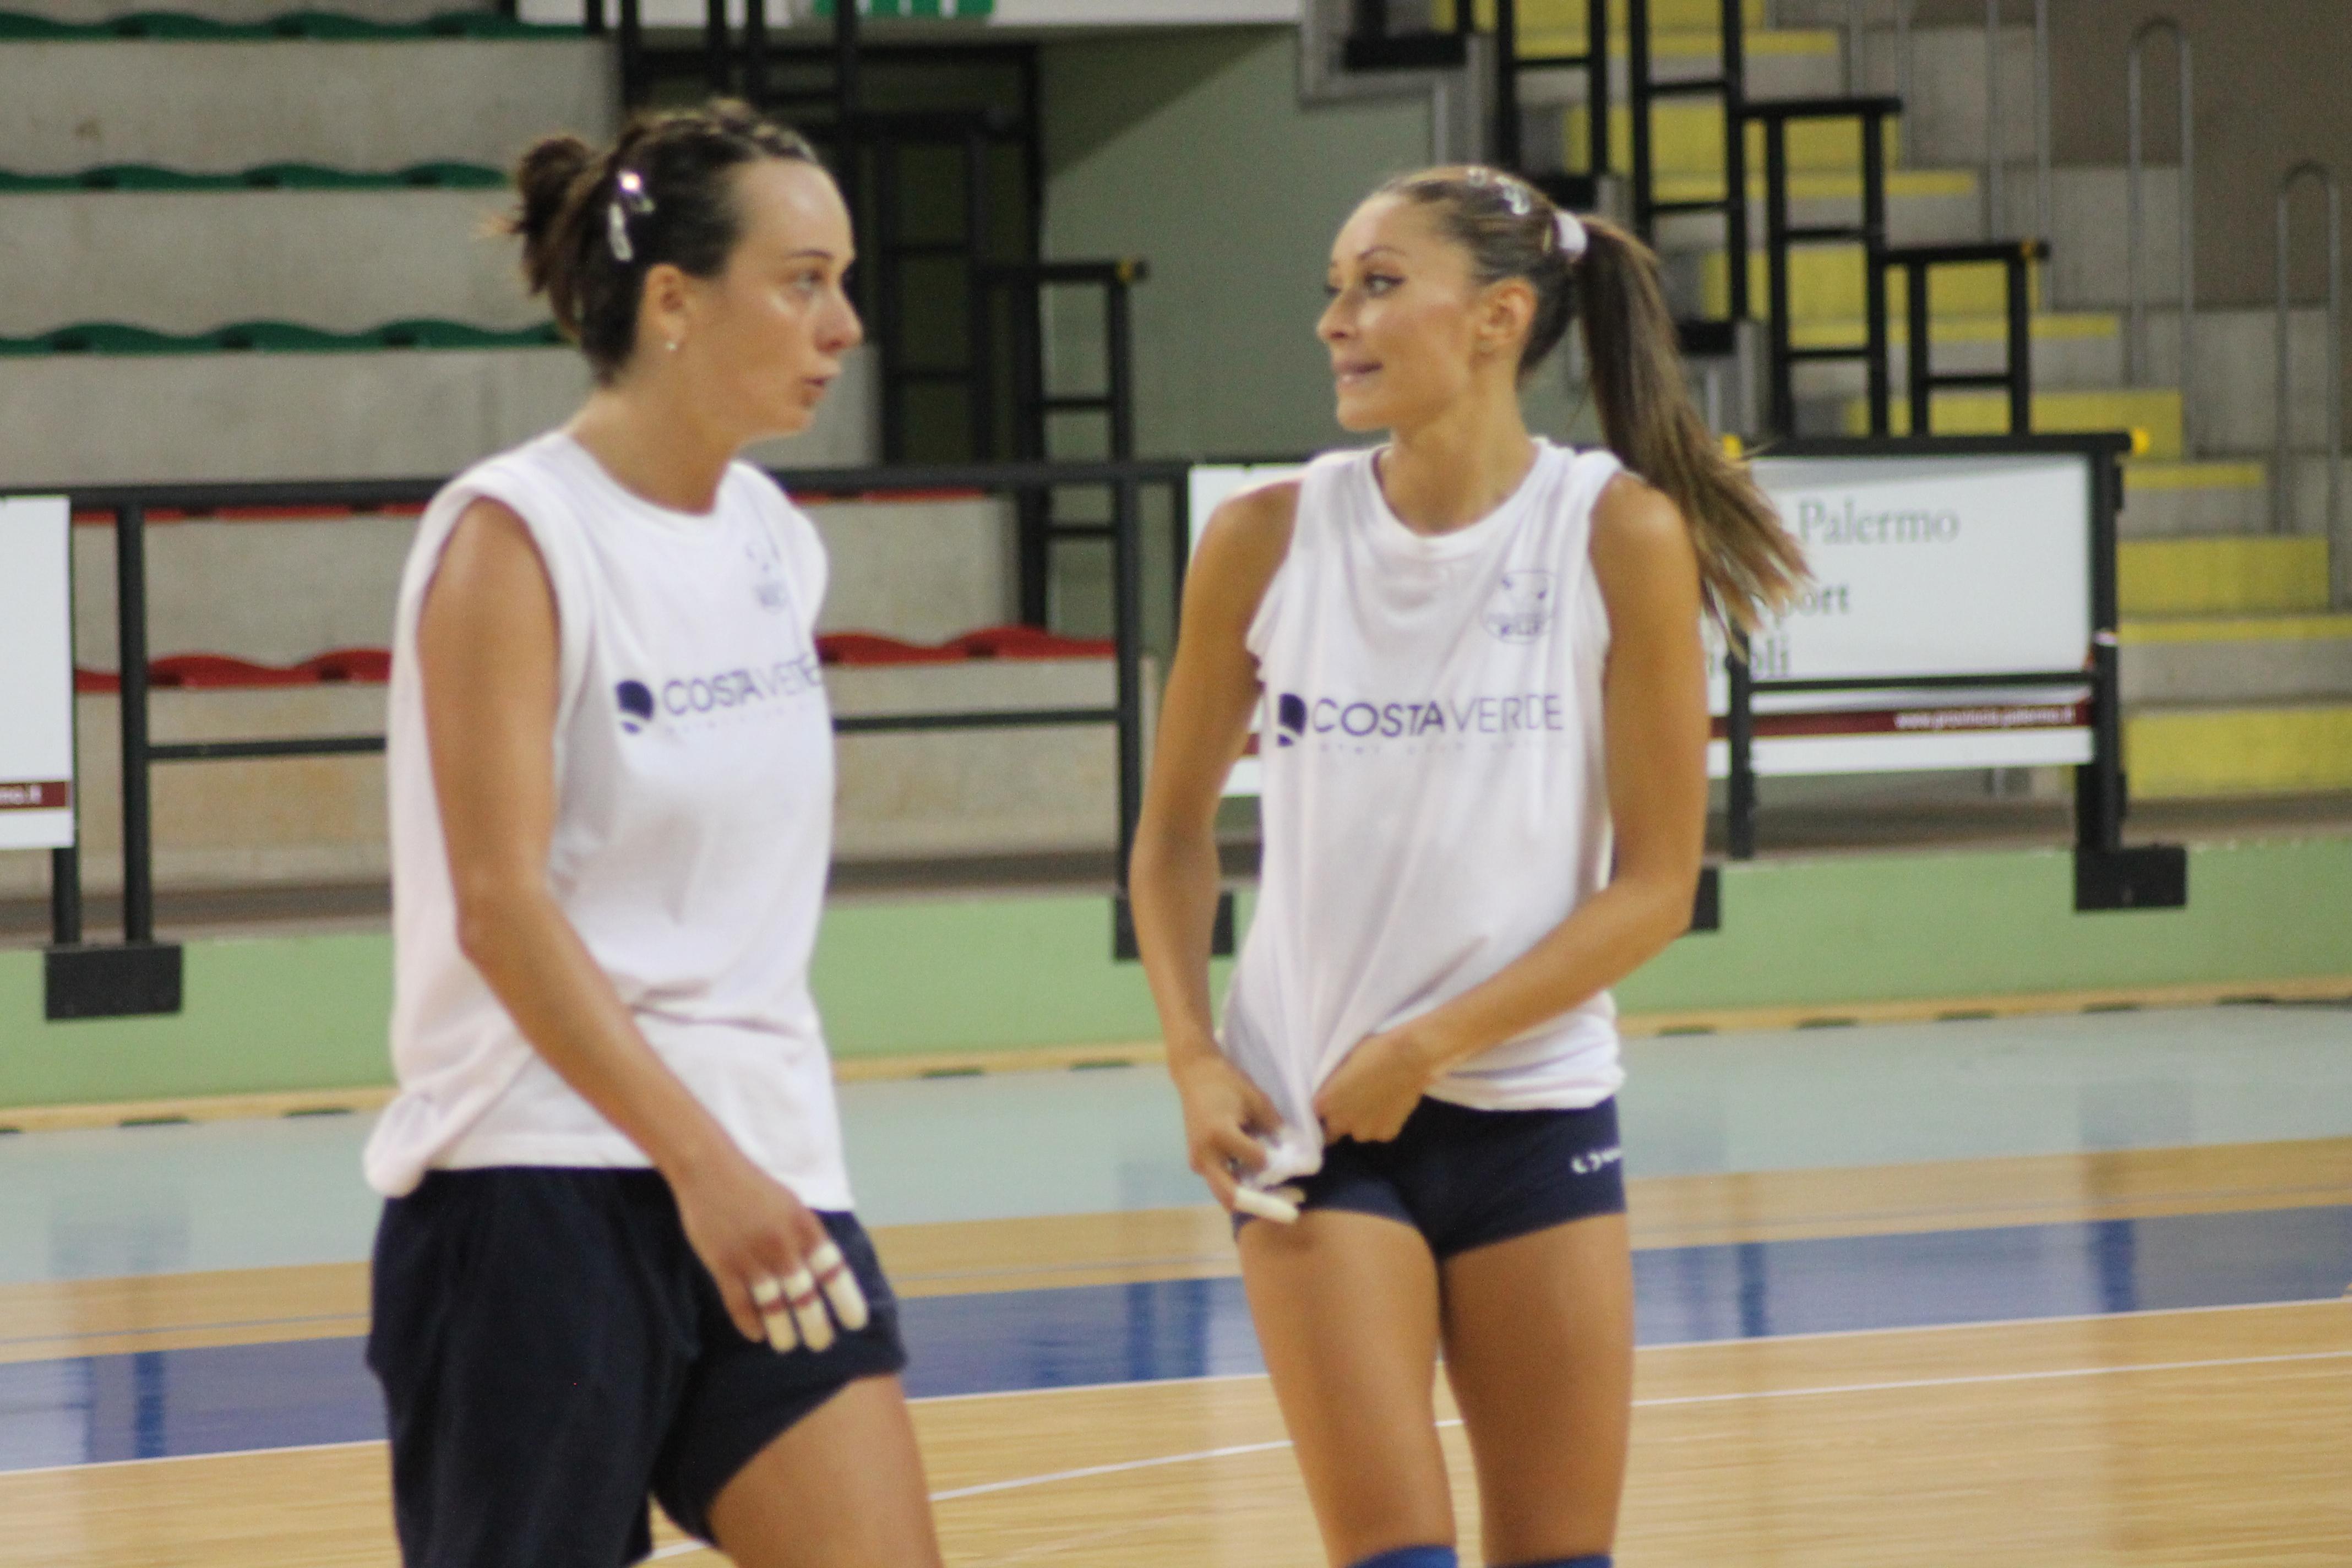 Costaverde Cefalù Volley – Noma S. Stefano: Interviste post gara